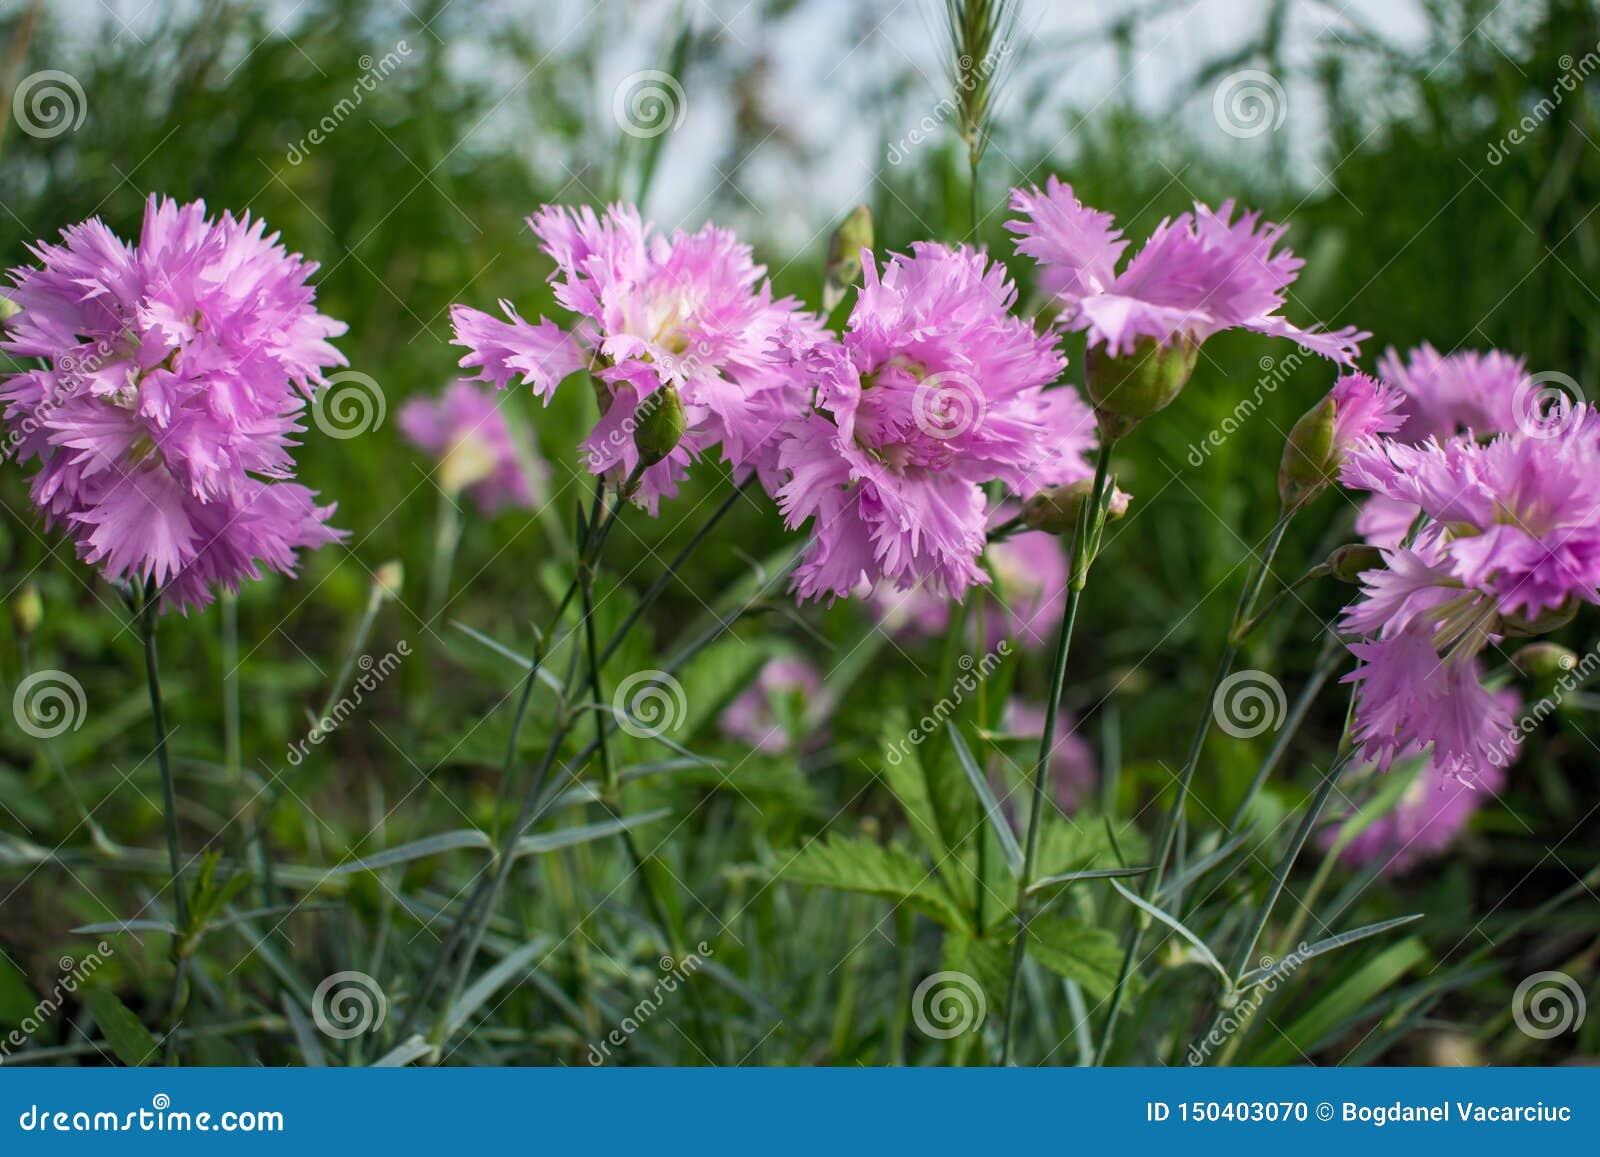 Claveles del rosa de la primavera hermosos y flor de la elegancia